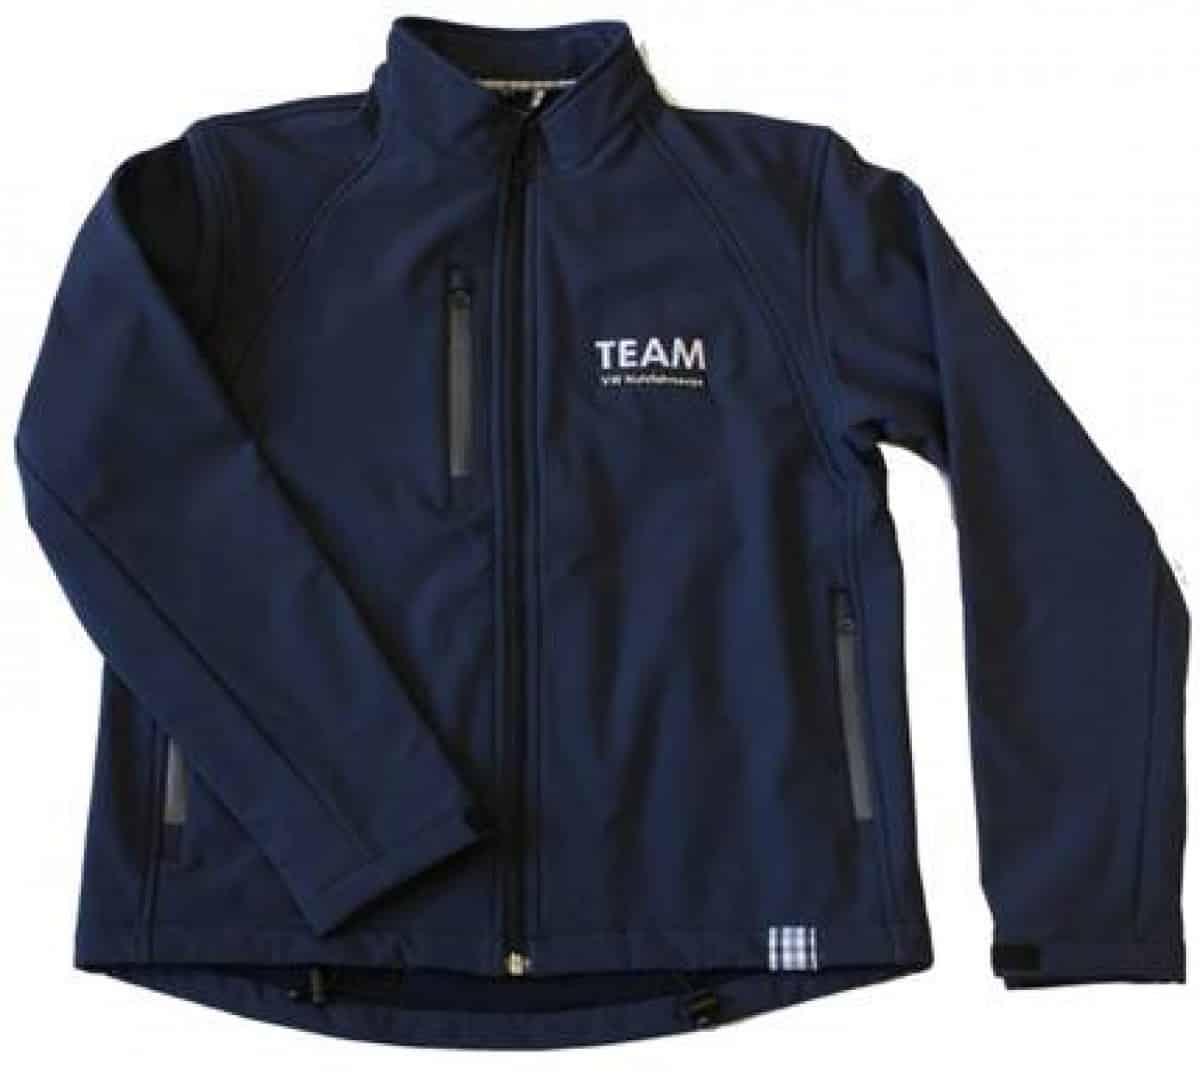 VW-Volkswagen-Teambekleidung-Messebekleidung-Mitarbeiterbekleidung-Teamwear-Jacke-Softshelljacke-Sonderproduktion